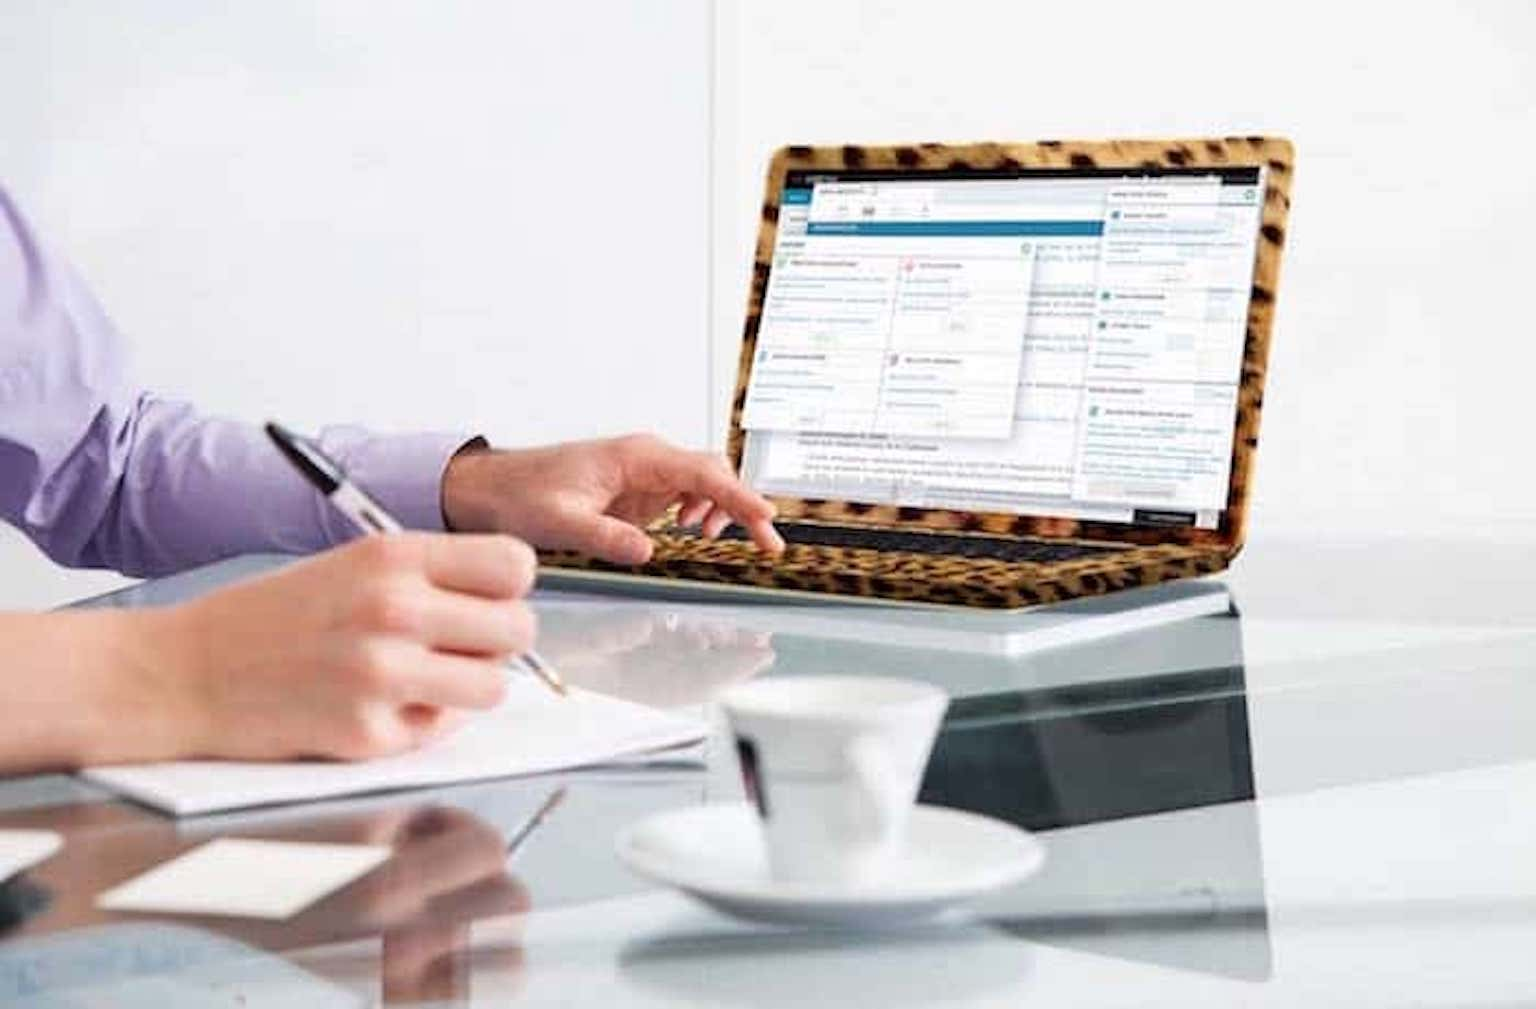 Cheetah_laptop